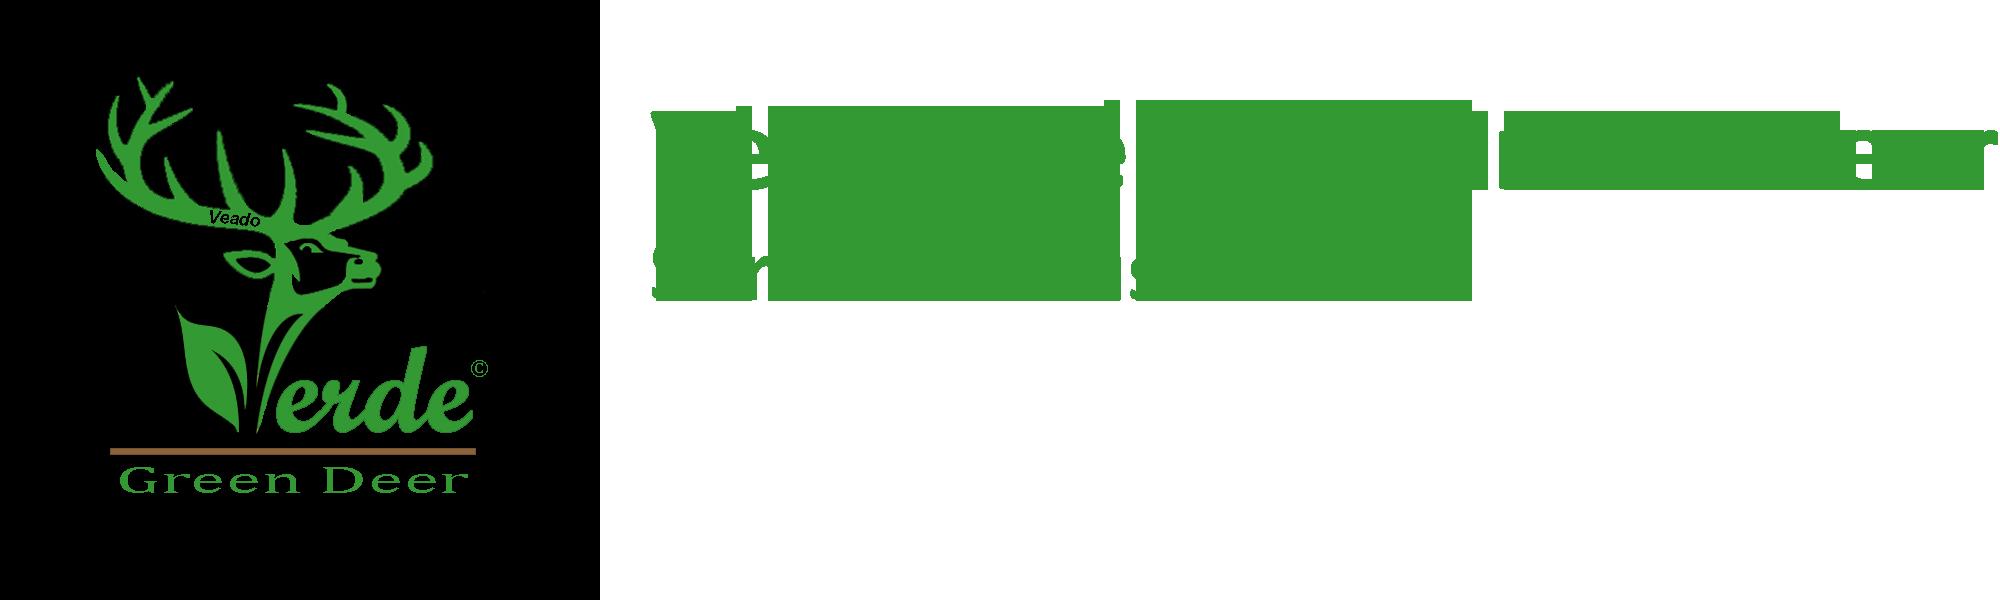 Veado Verde / Green Deer